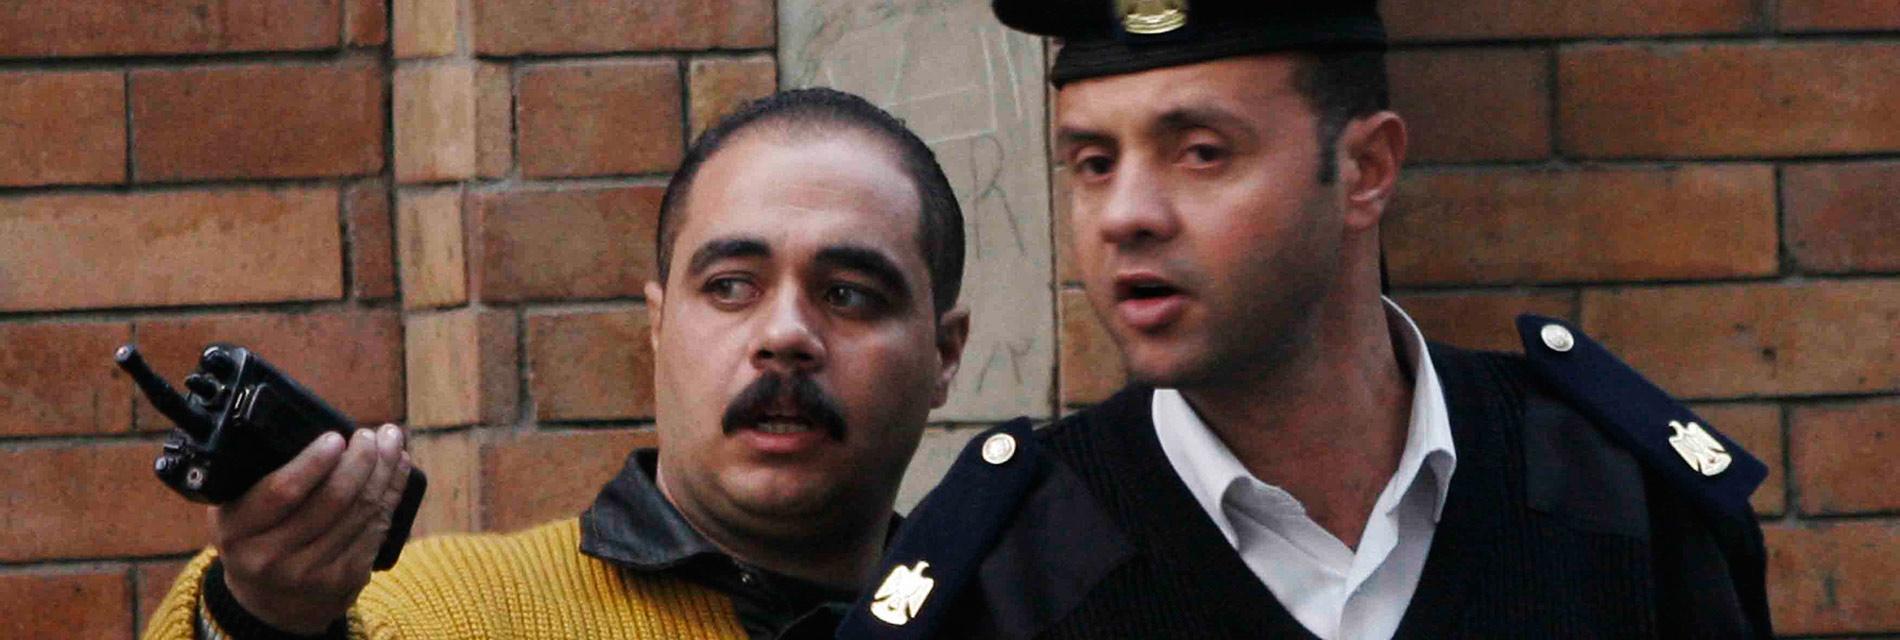 اشرطة المصرية